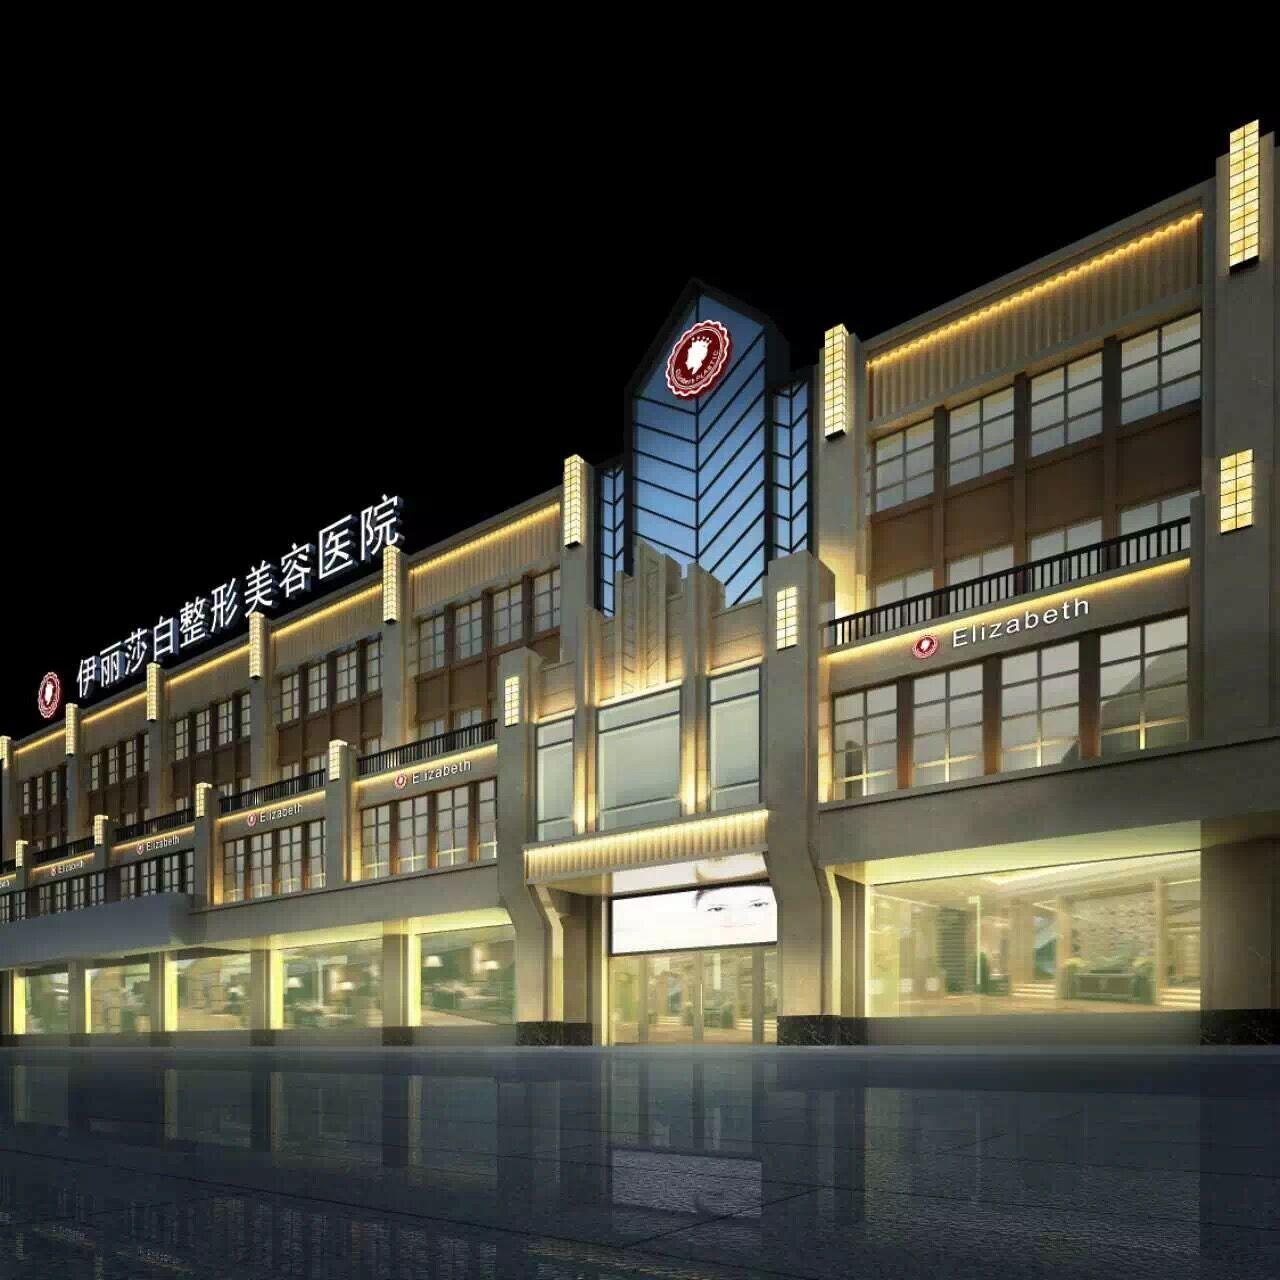 【名院解读】新疆民营整形医院,乌鲁木齐伊丽莎白整形美容医院